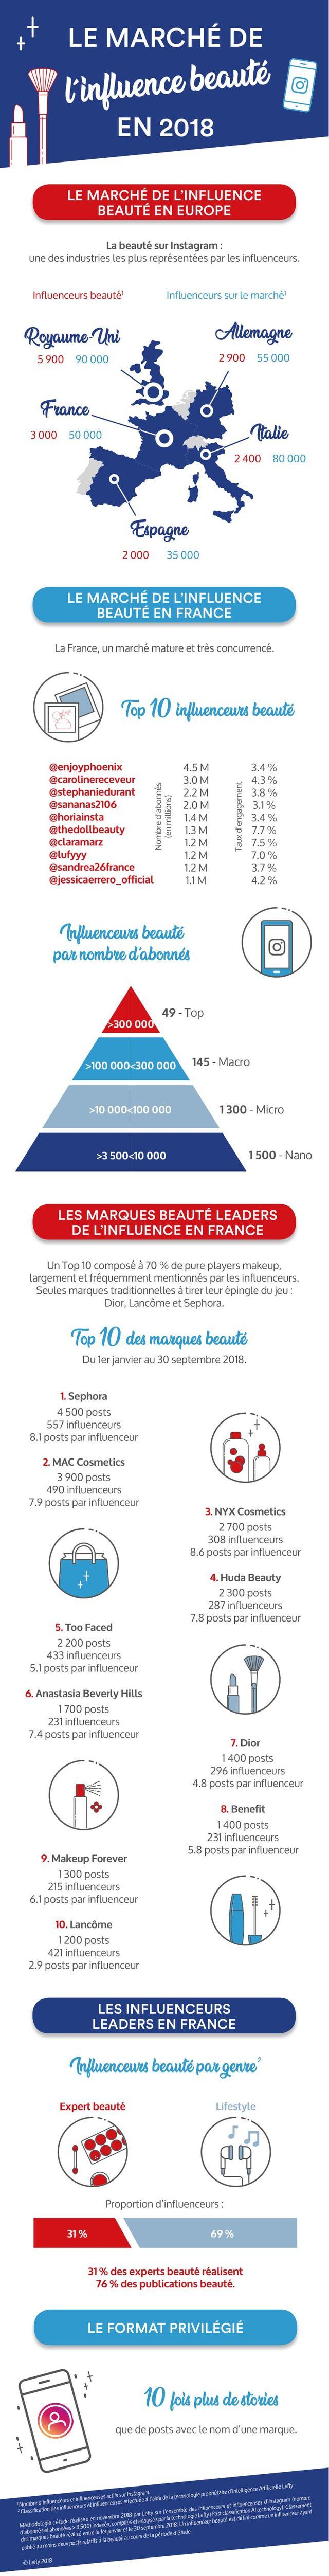 L'influence sur le marché de la beauté : taille du marché, marques et personnalités les plus influentes, stratégie gagnante et formats plébiscités...